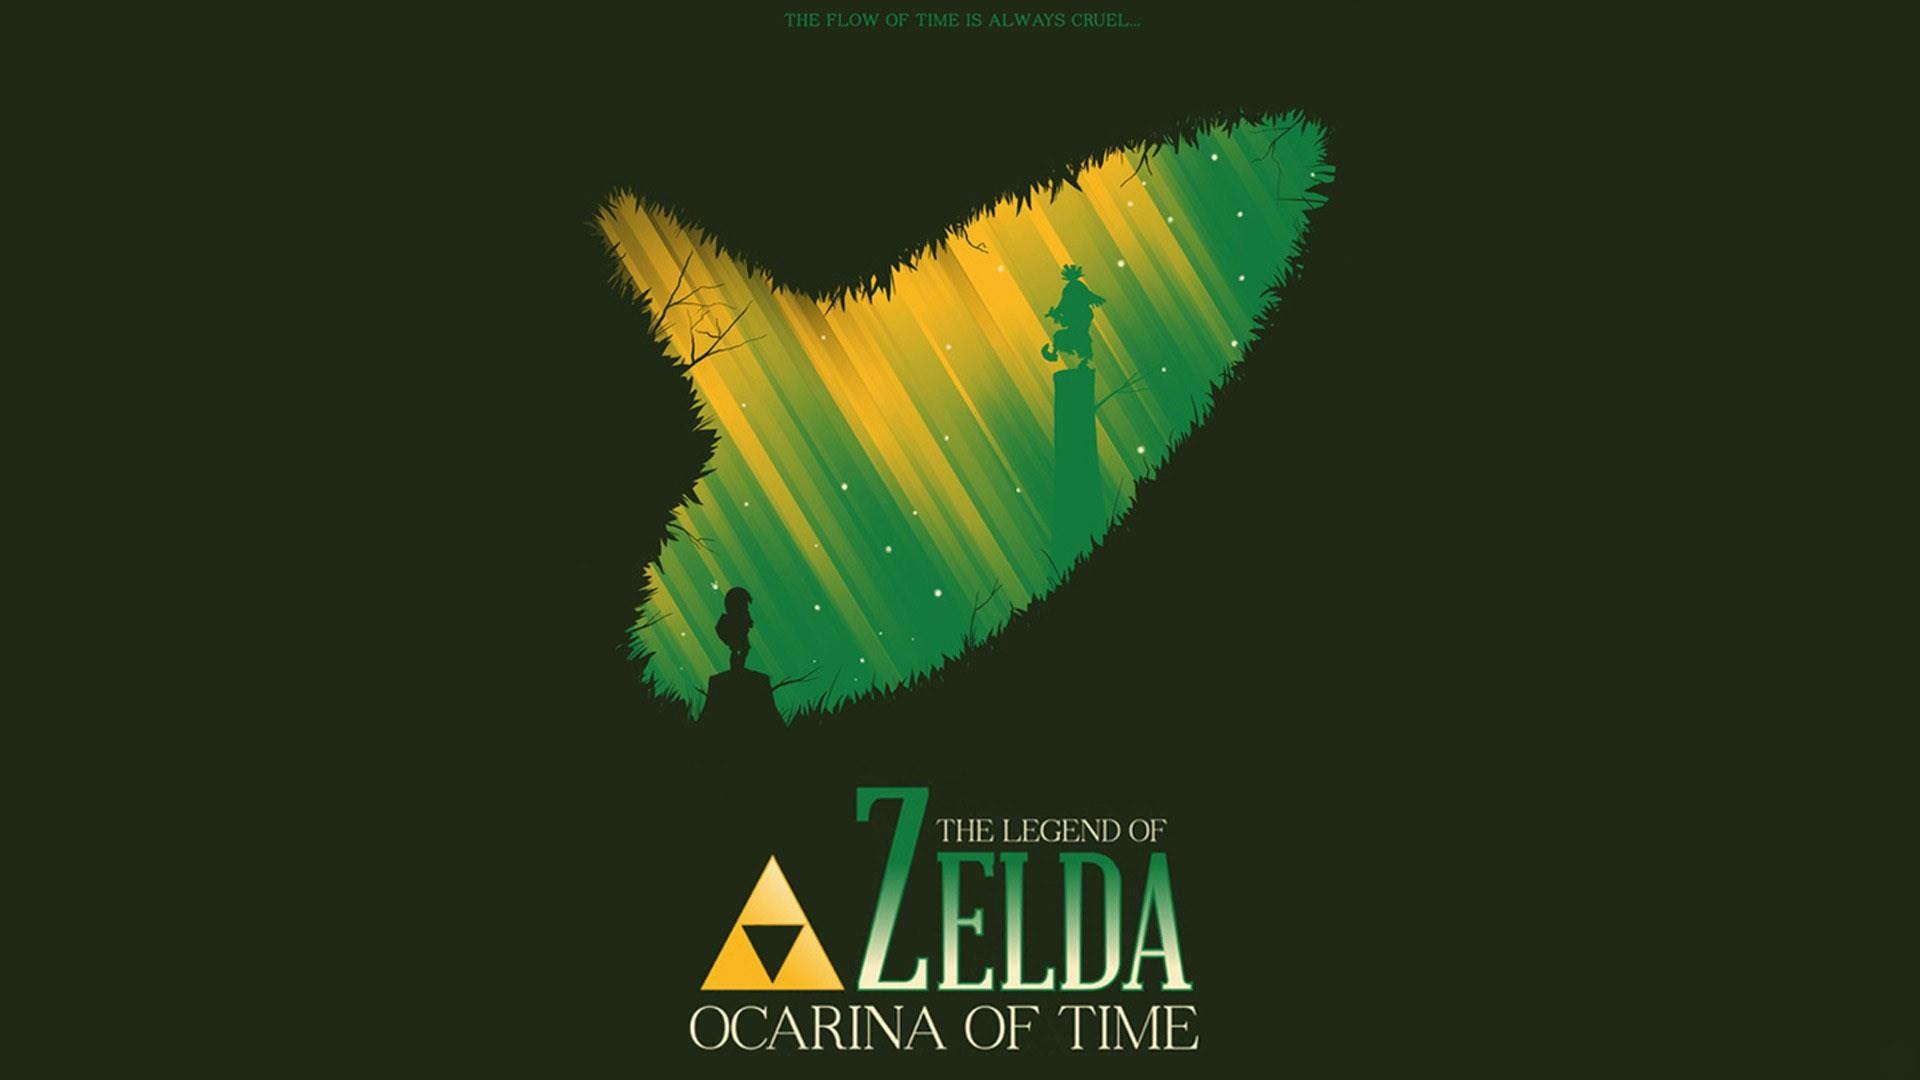 the legend of zelda ocarina of time wallpaper for desktop background – the  legend of zelda